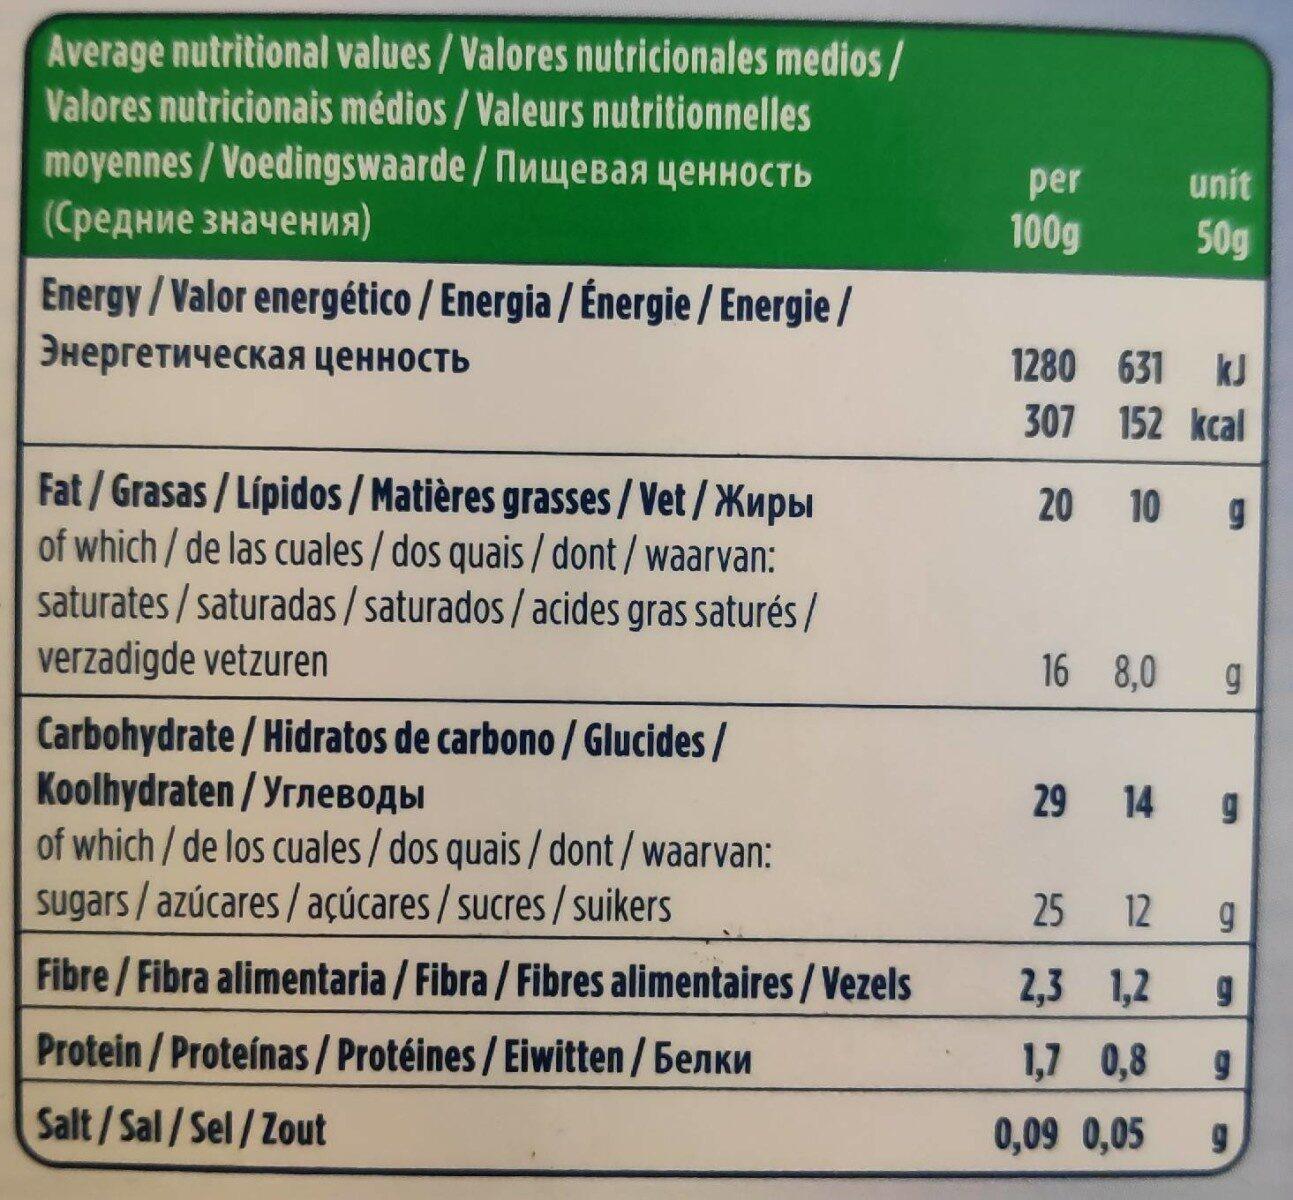 il gelato 4 mini Sticks (Coconut) (Vegan) - Información nutricional - es